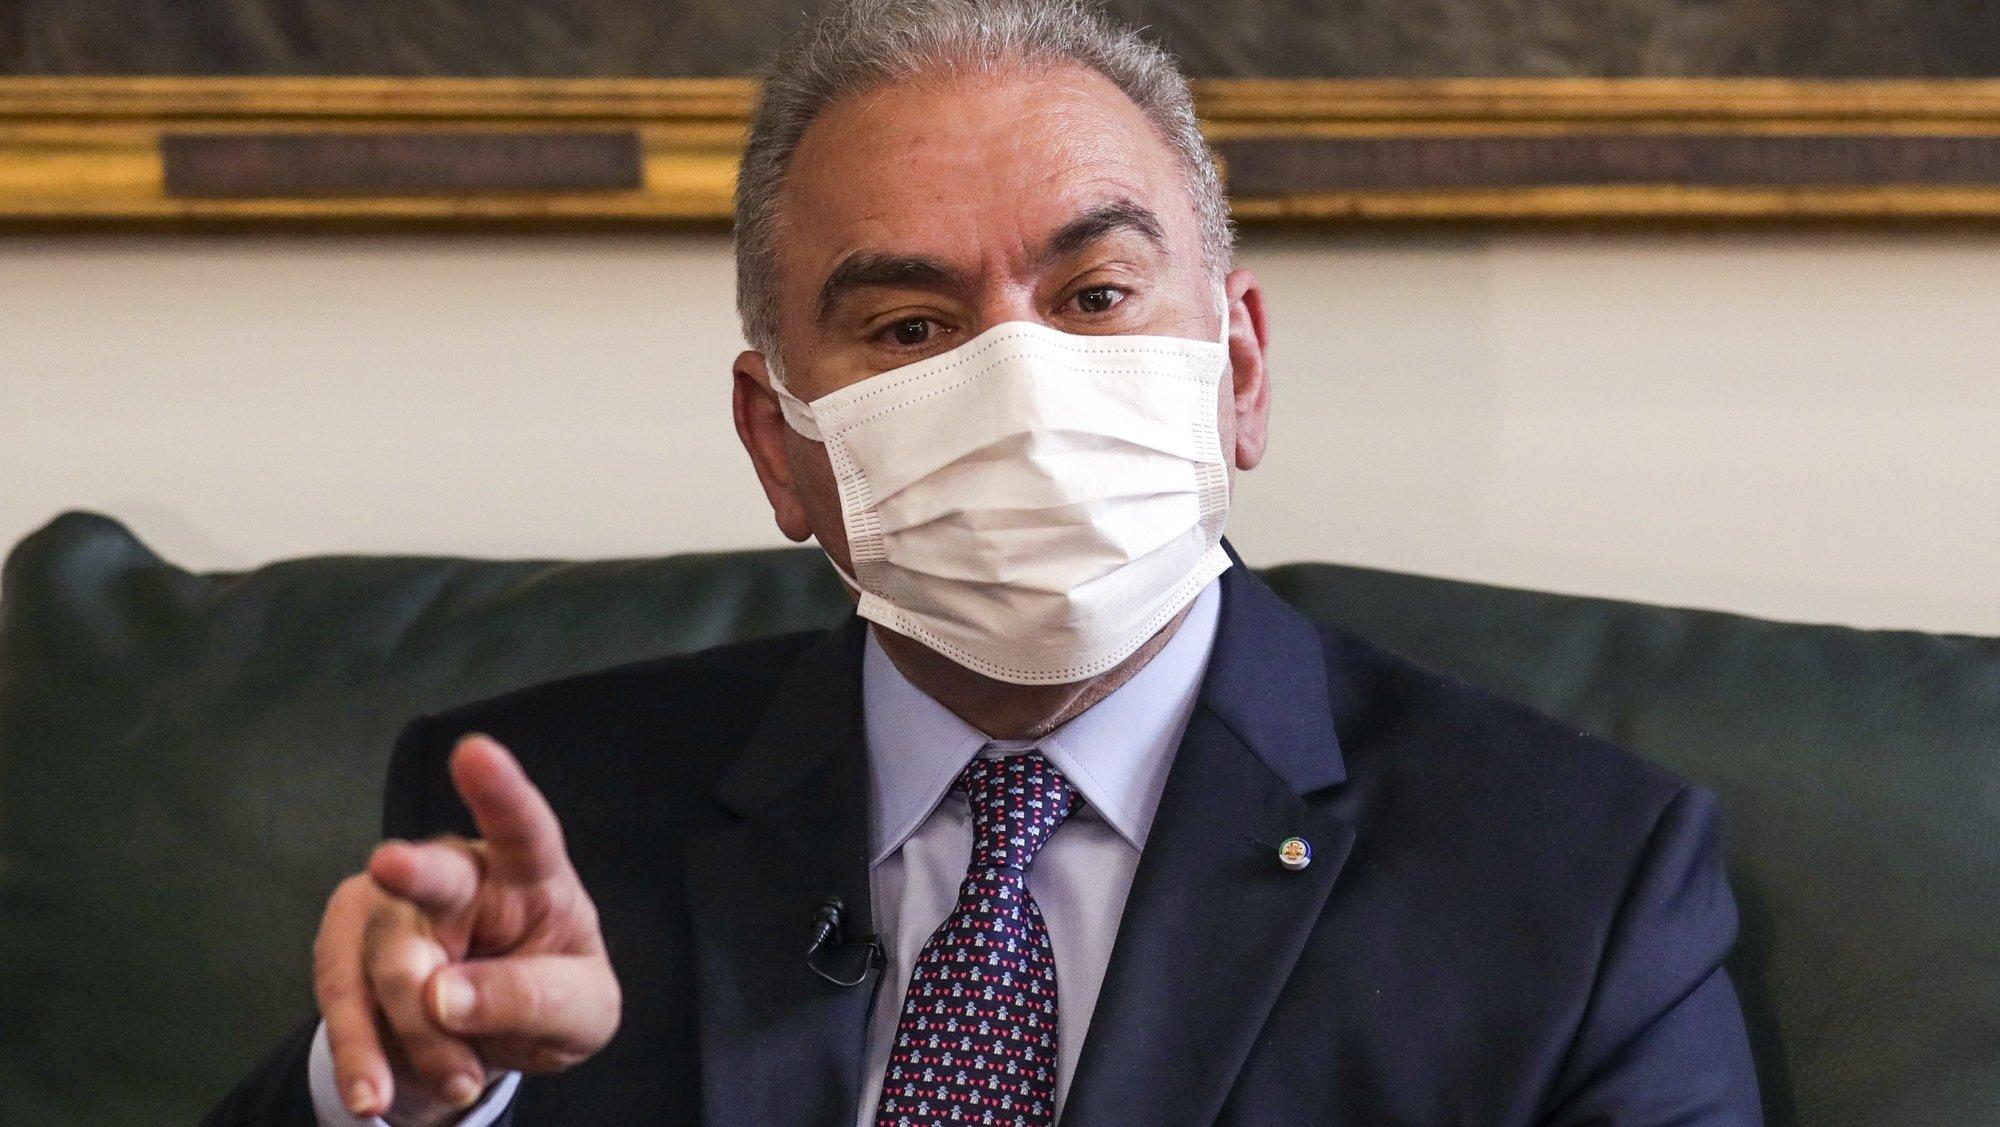 Entrevista a Marcelo Queiroga, ministro da Saúde brasileiro